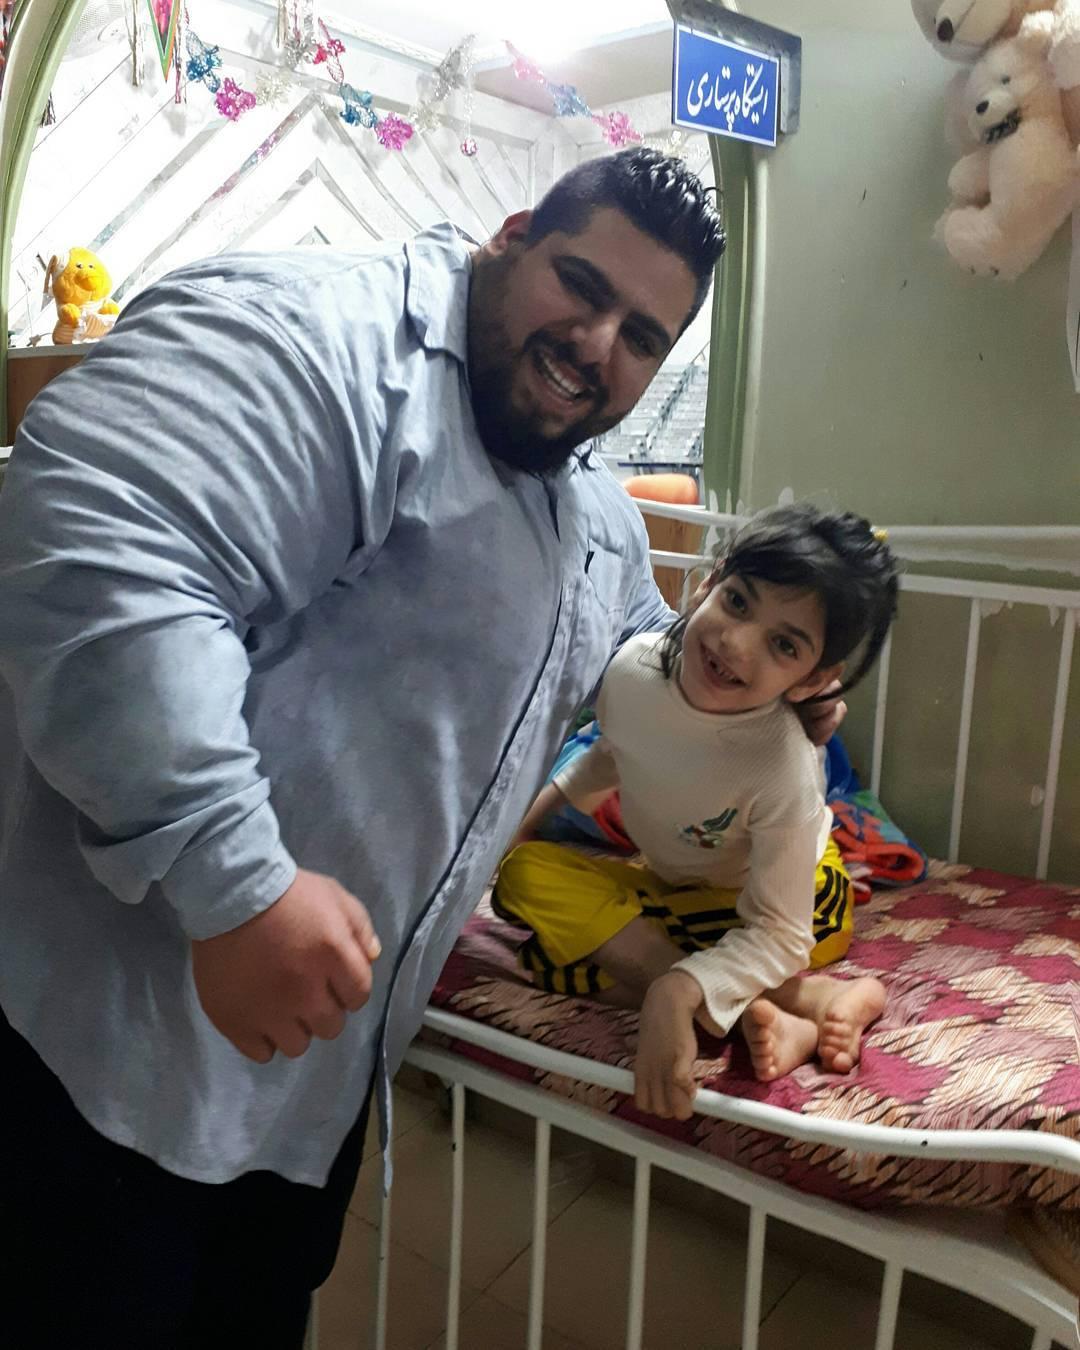 【超筋肉】イランのリアル超人ハルク、ワイ虚弱ニキ喧嘩したら一秒で殺されそう・・・・・(画像)・13枚目